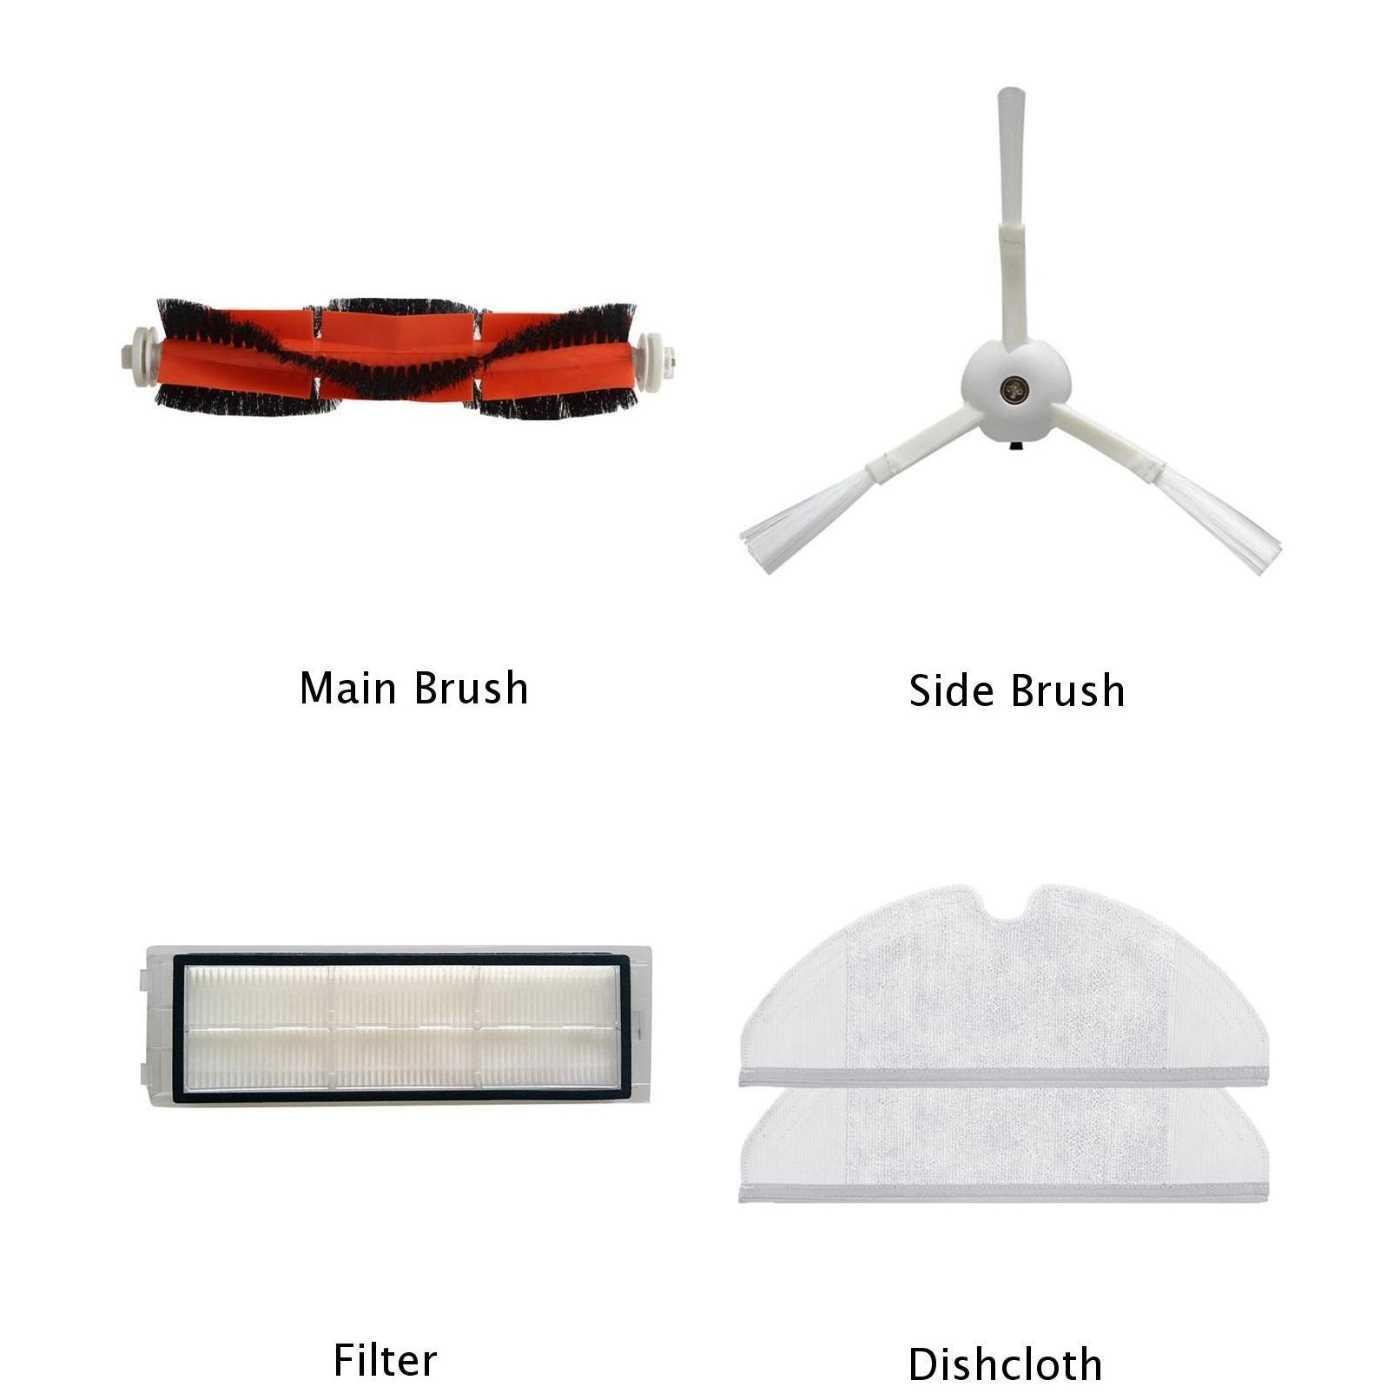 Боковая щетка для Xiaomi Mi Roborock S50 аксессуар основная щетка для посуды пылесос высокого качества Практичный Прочный